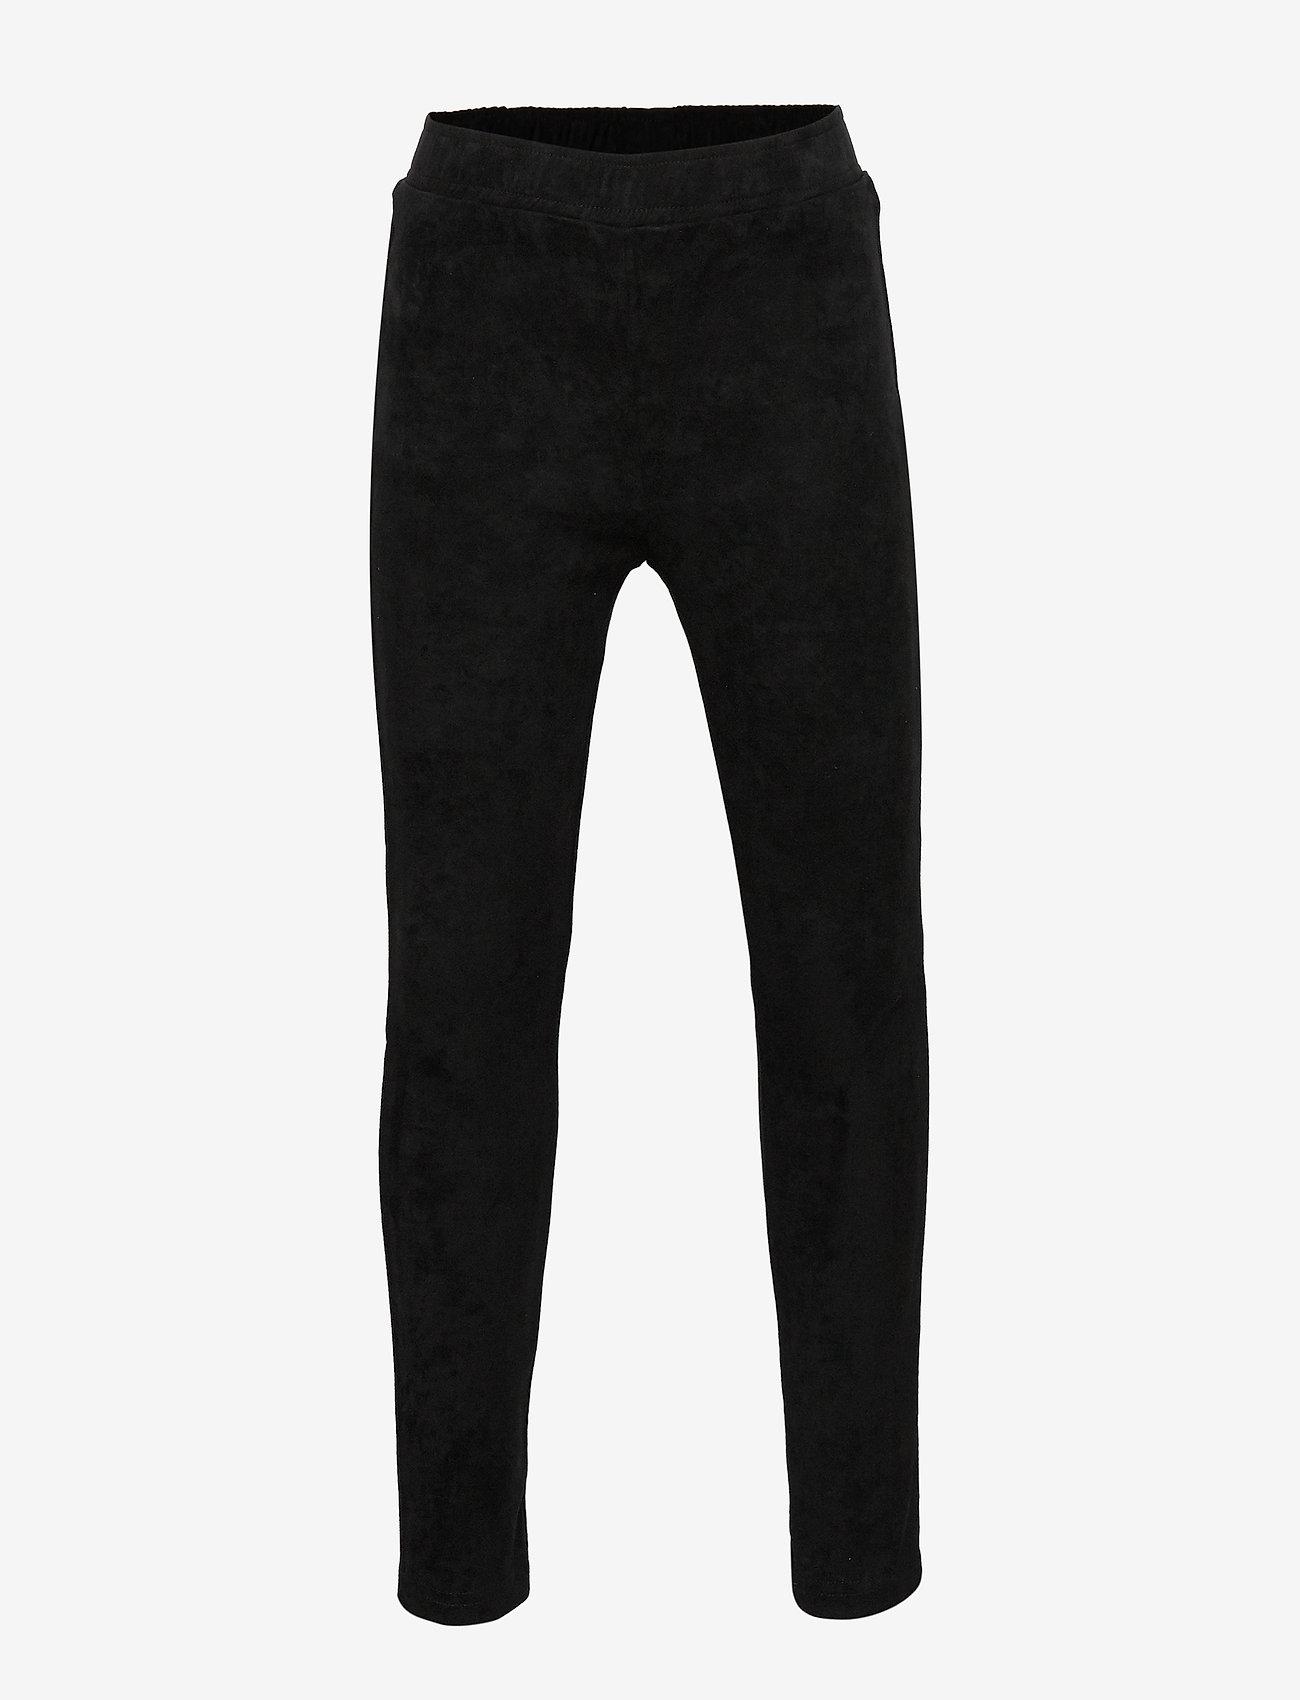 Petit by Sofie Schnoor - Leggins - leggings - black - 0